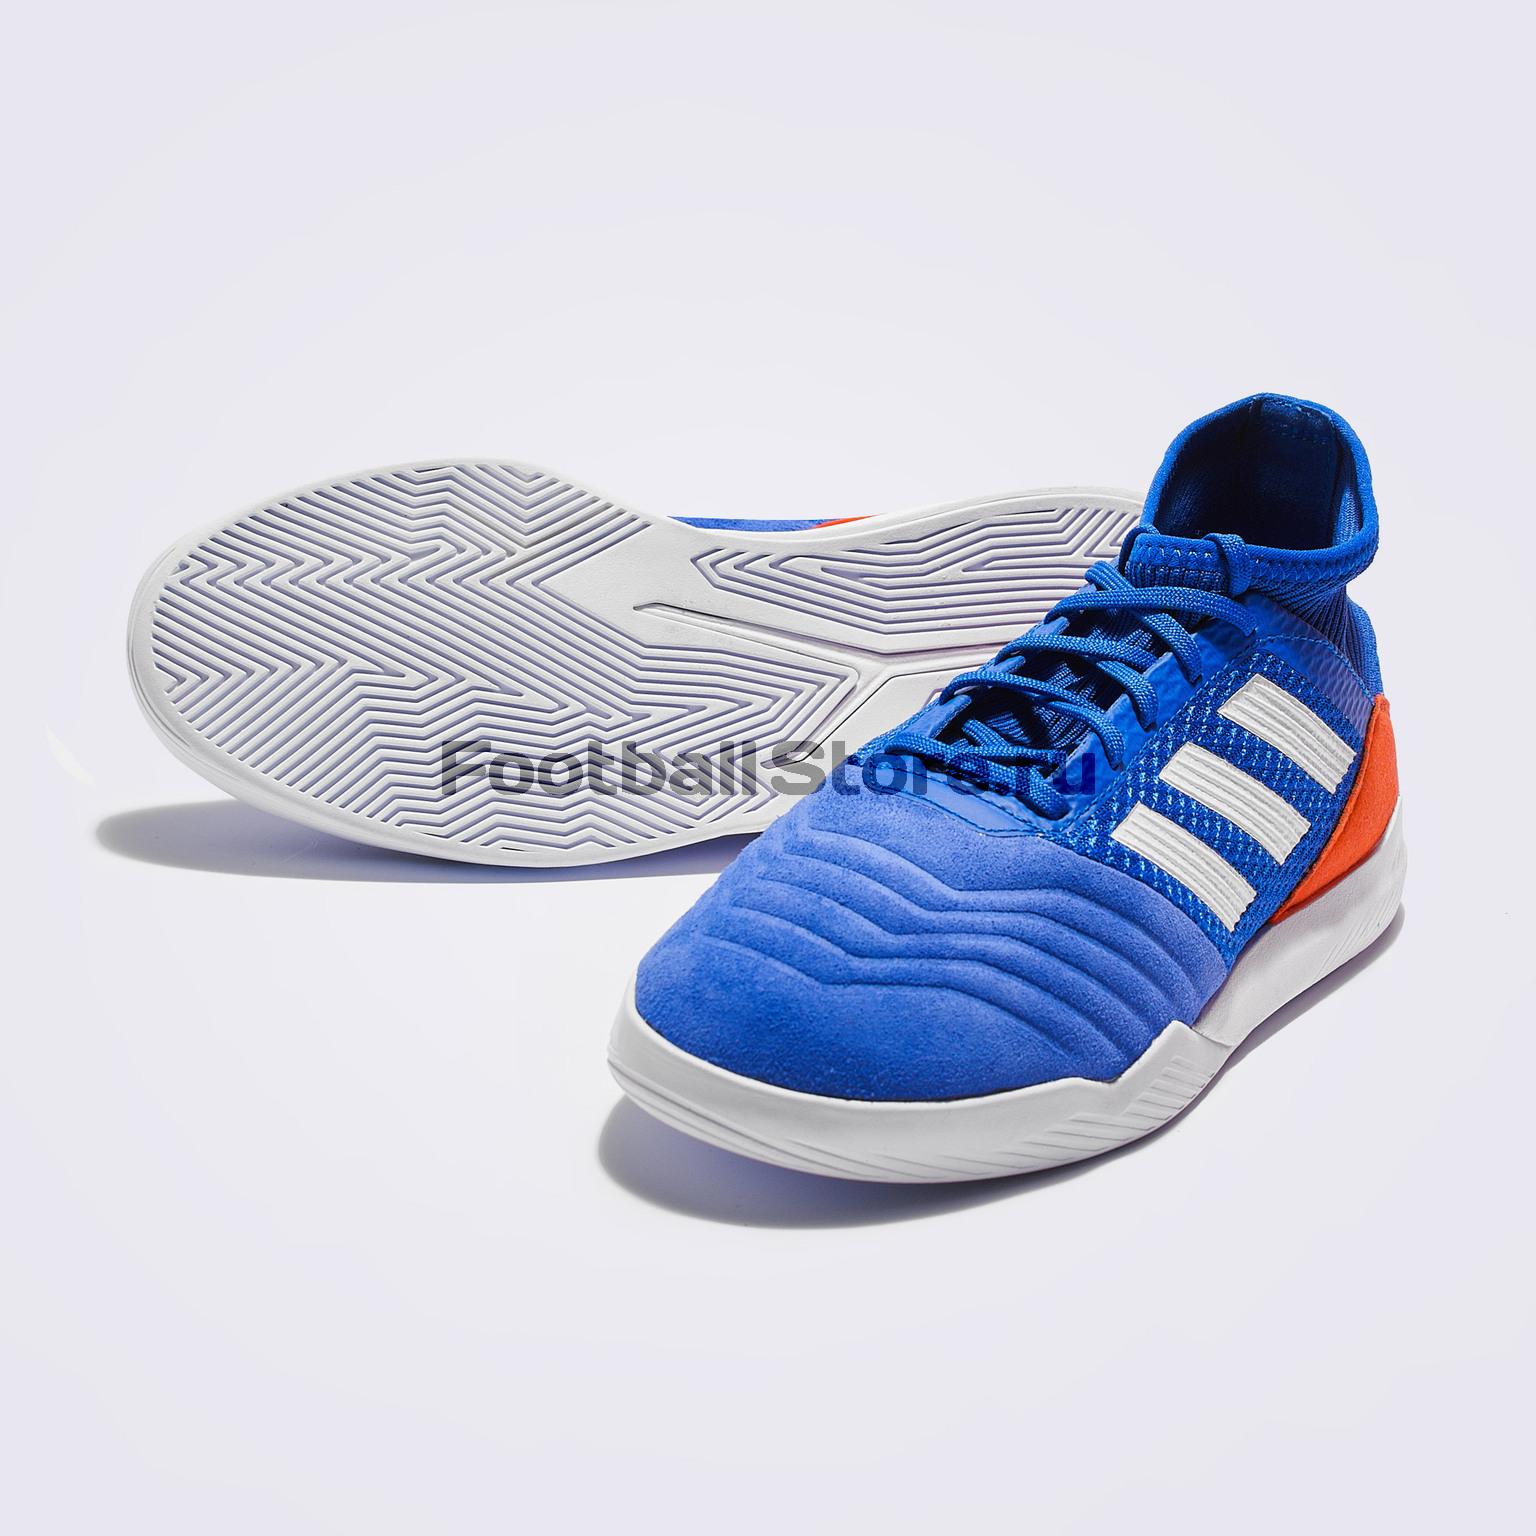 Футбольная обувь Adidas Predator 19.3 TR BB9086